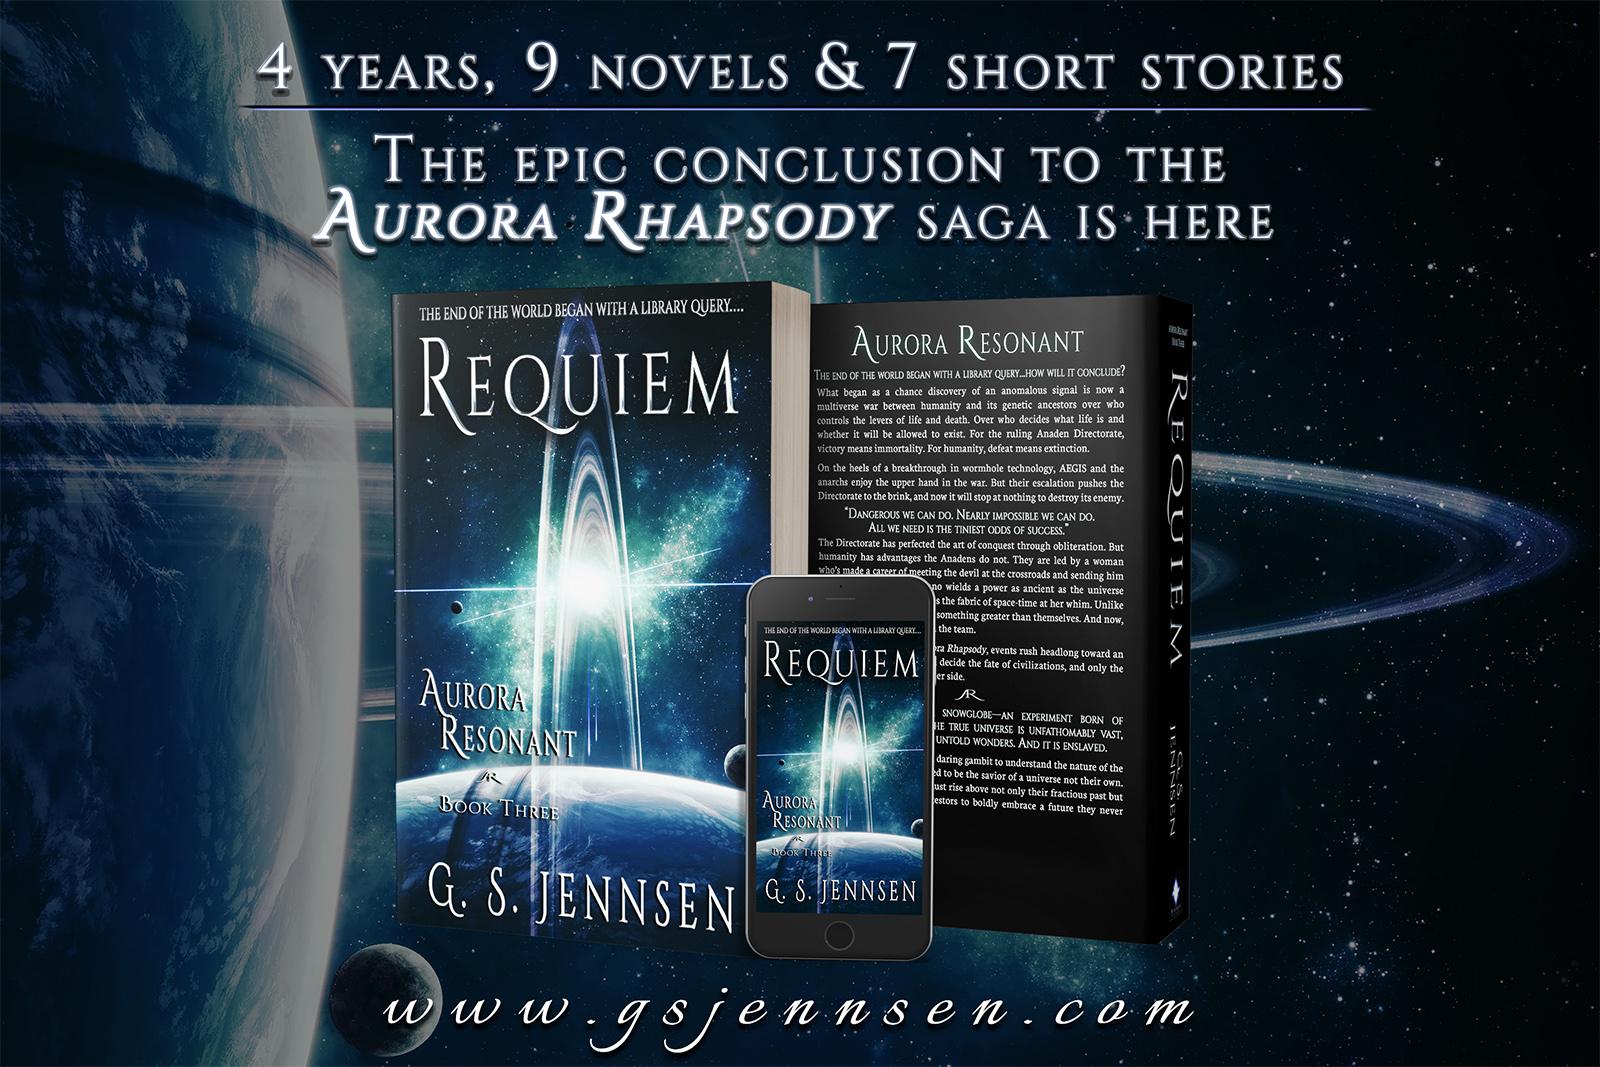 Requiem-Paperback-Front-Back_v3_1600.jpg